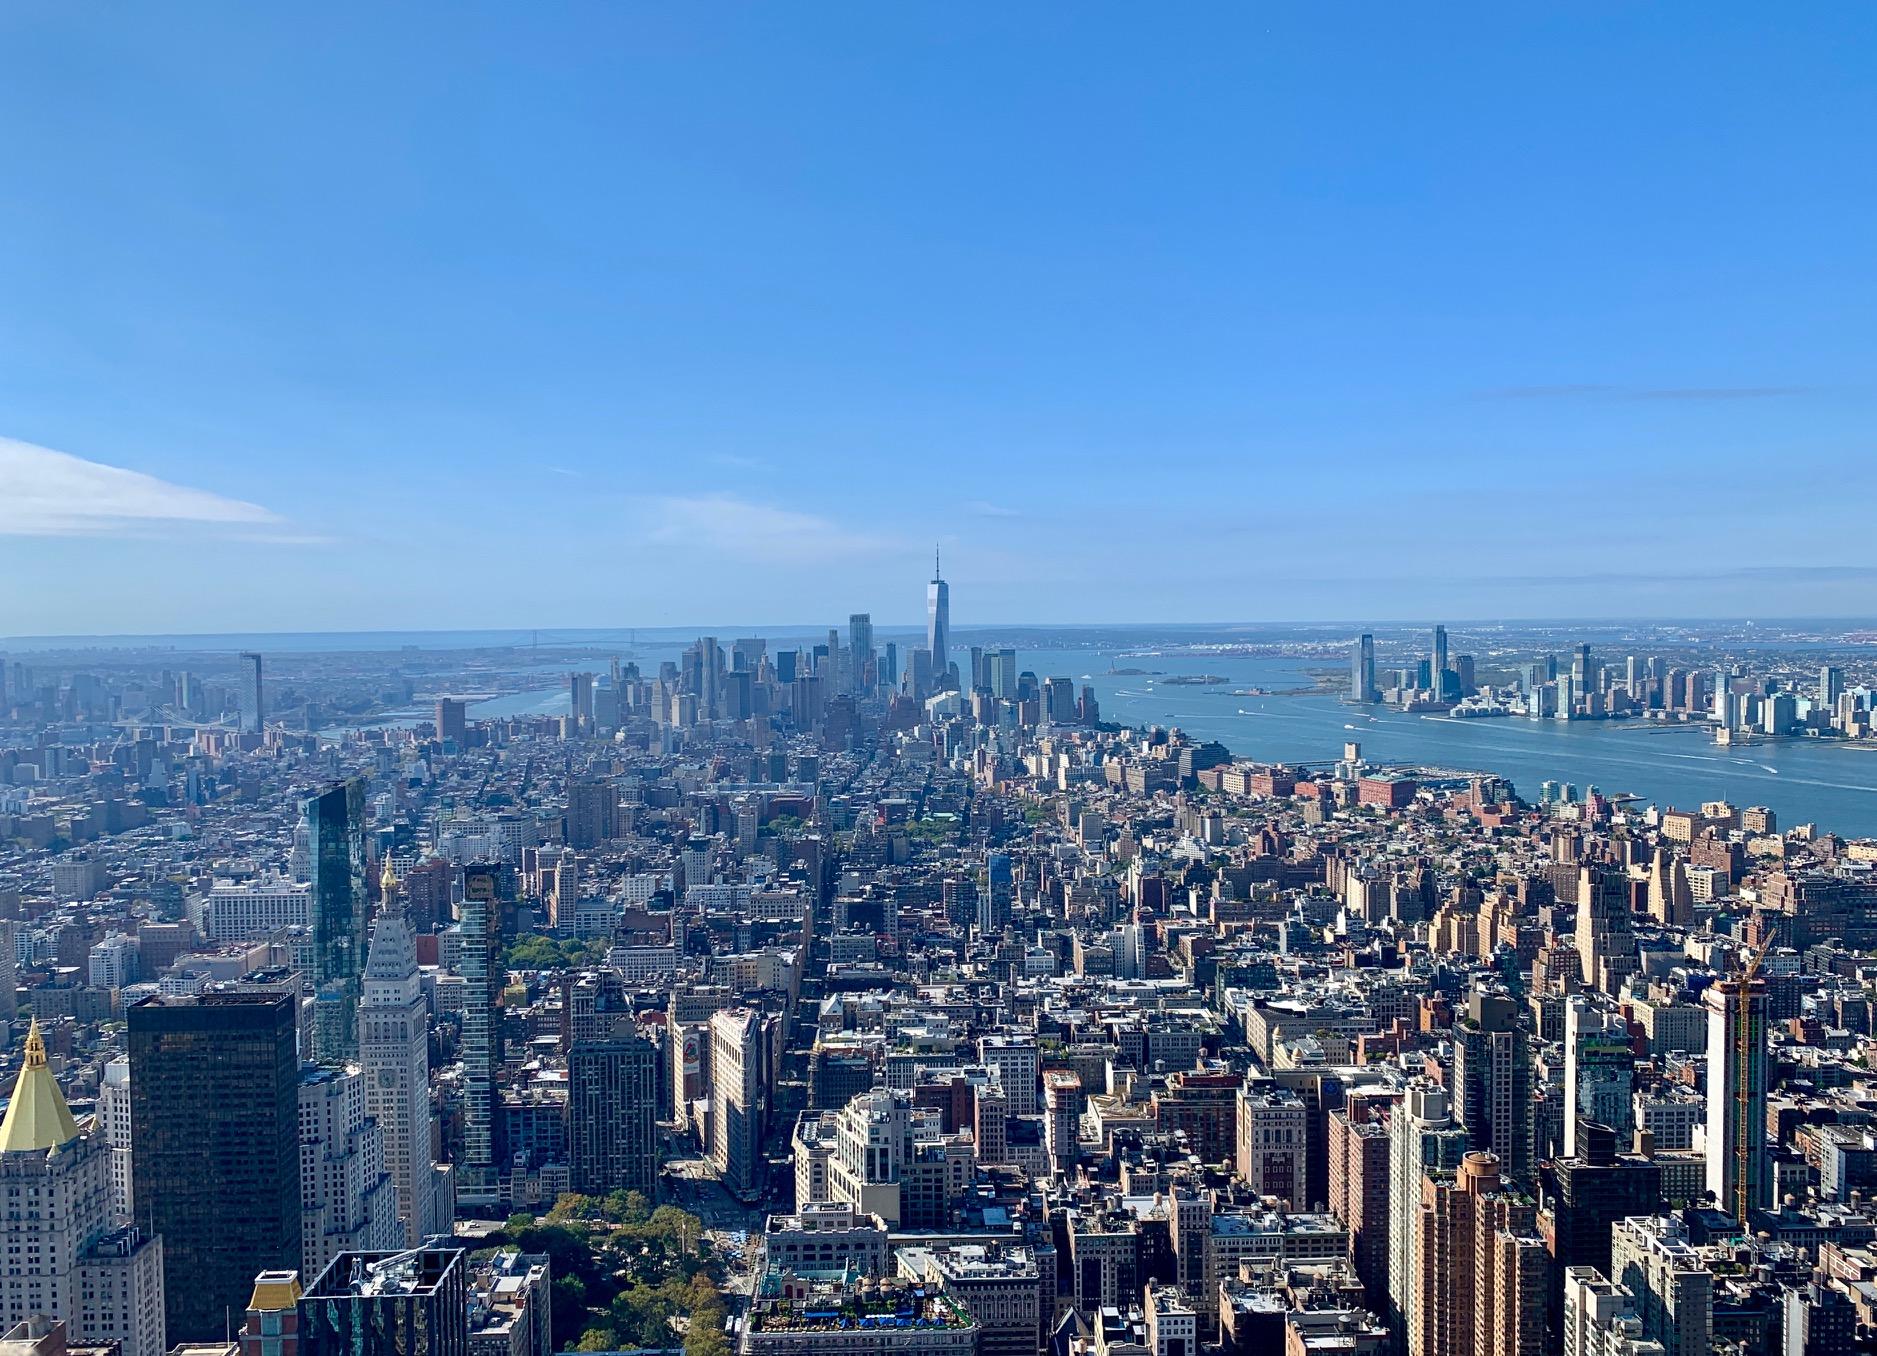 distritos de nova york - manhattan